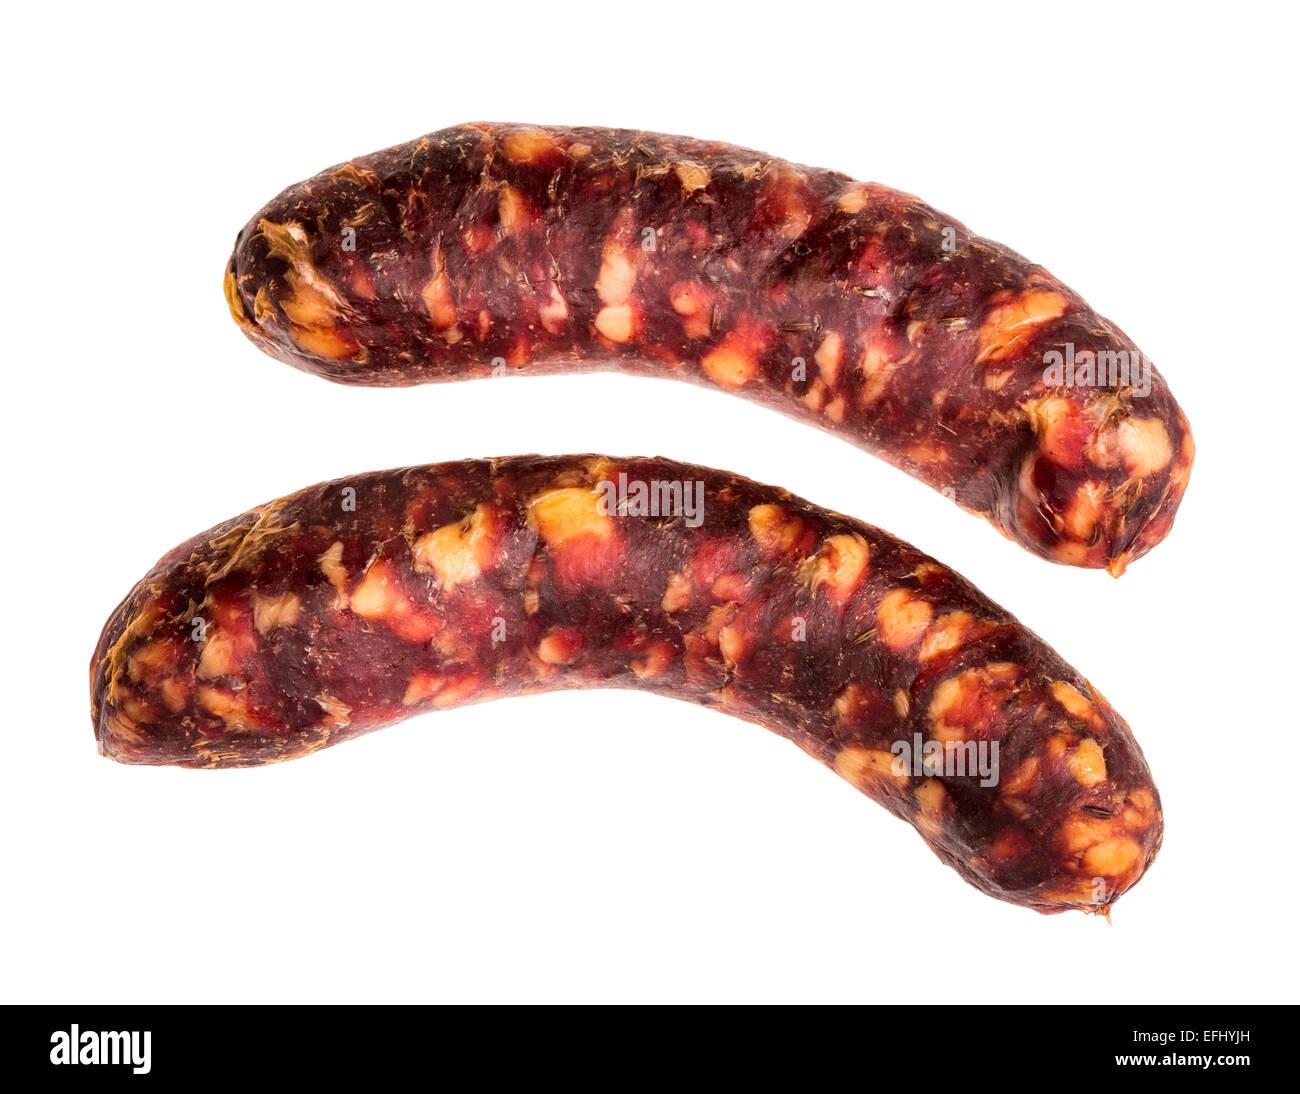 La chair à saucisse de cheval Cheval saucisses fines délicates de l'alimentation faible en gras et Photo Stock